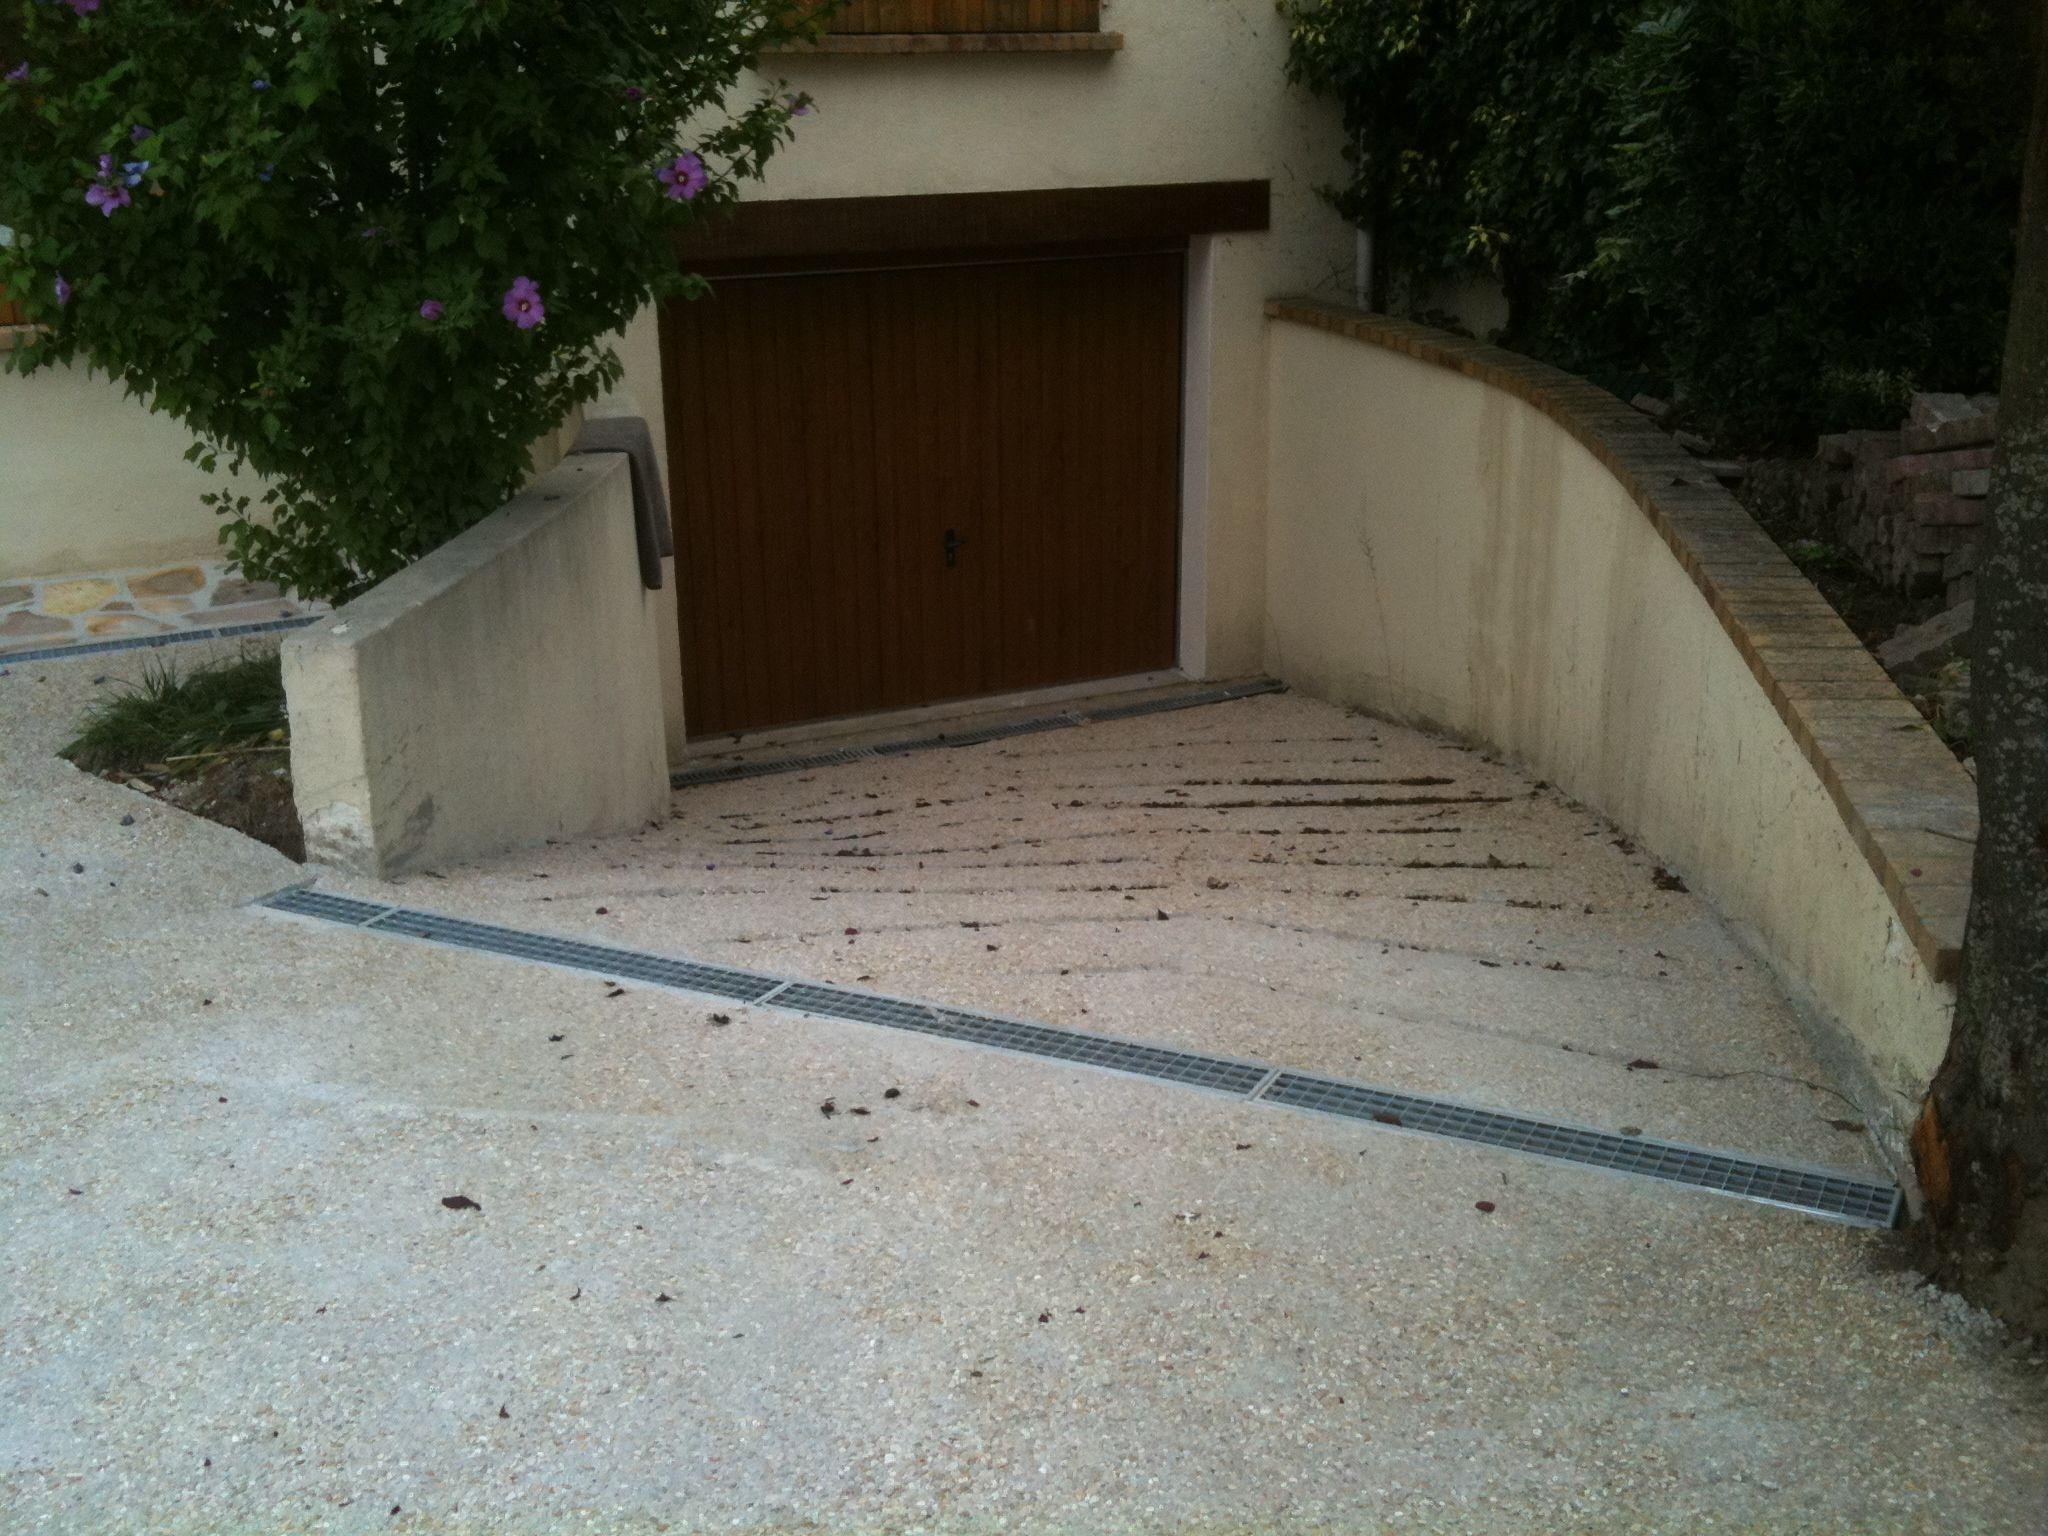 Descente De Garage Avec Pose D Une Grille D Evacuation D Eau Pluviale Entree De Garage Eau Pluviale Garage